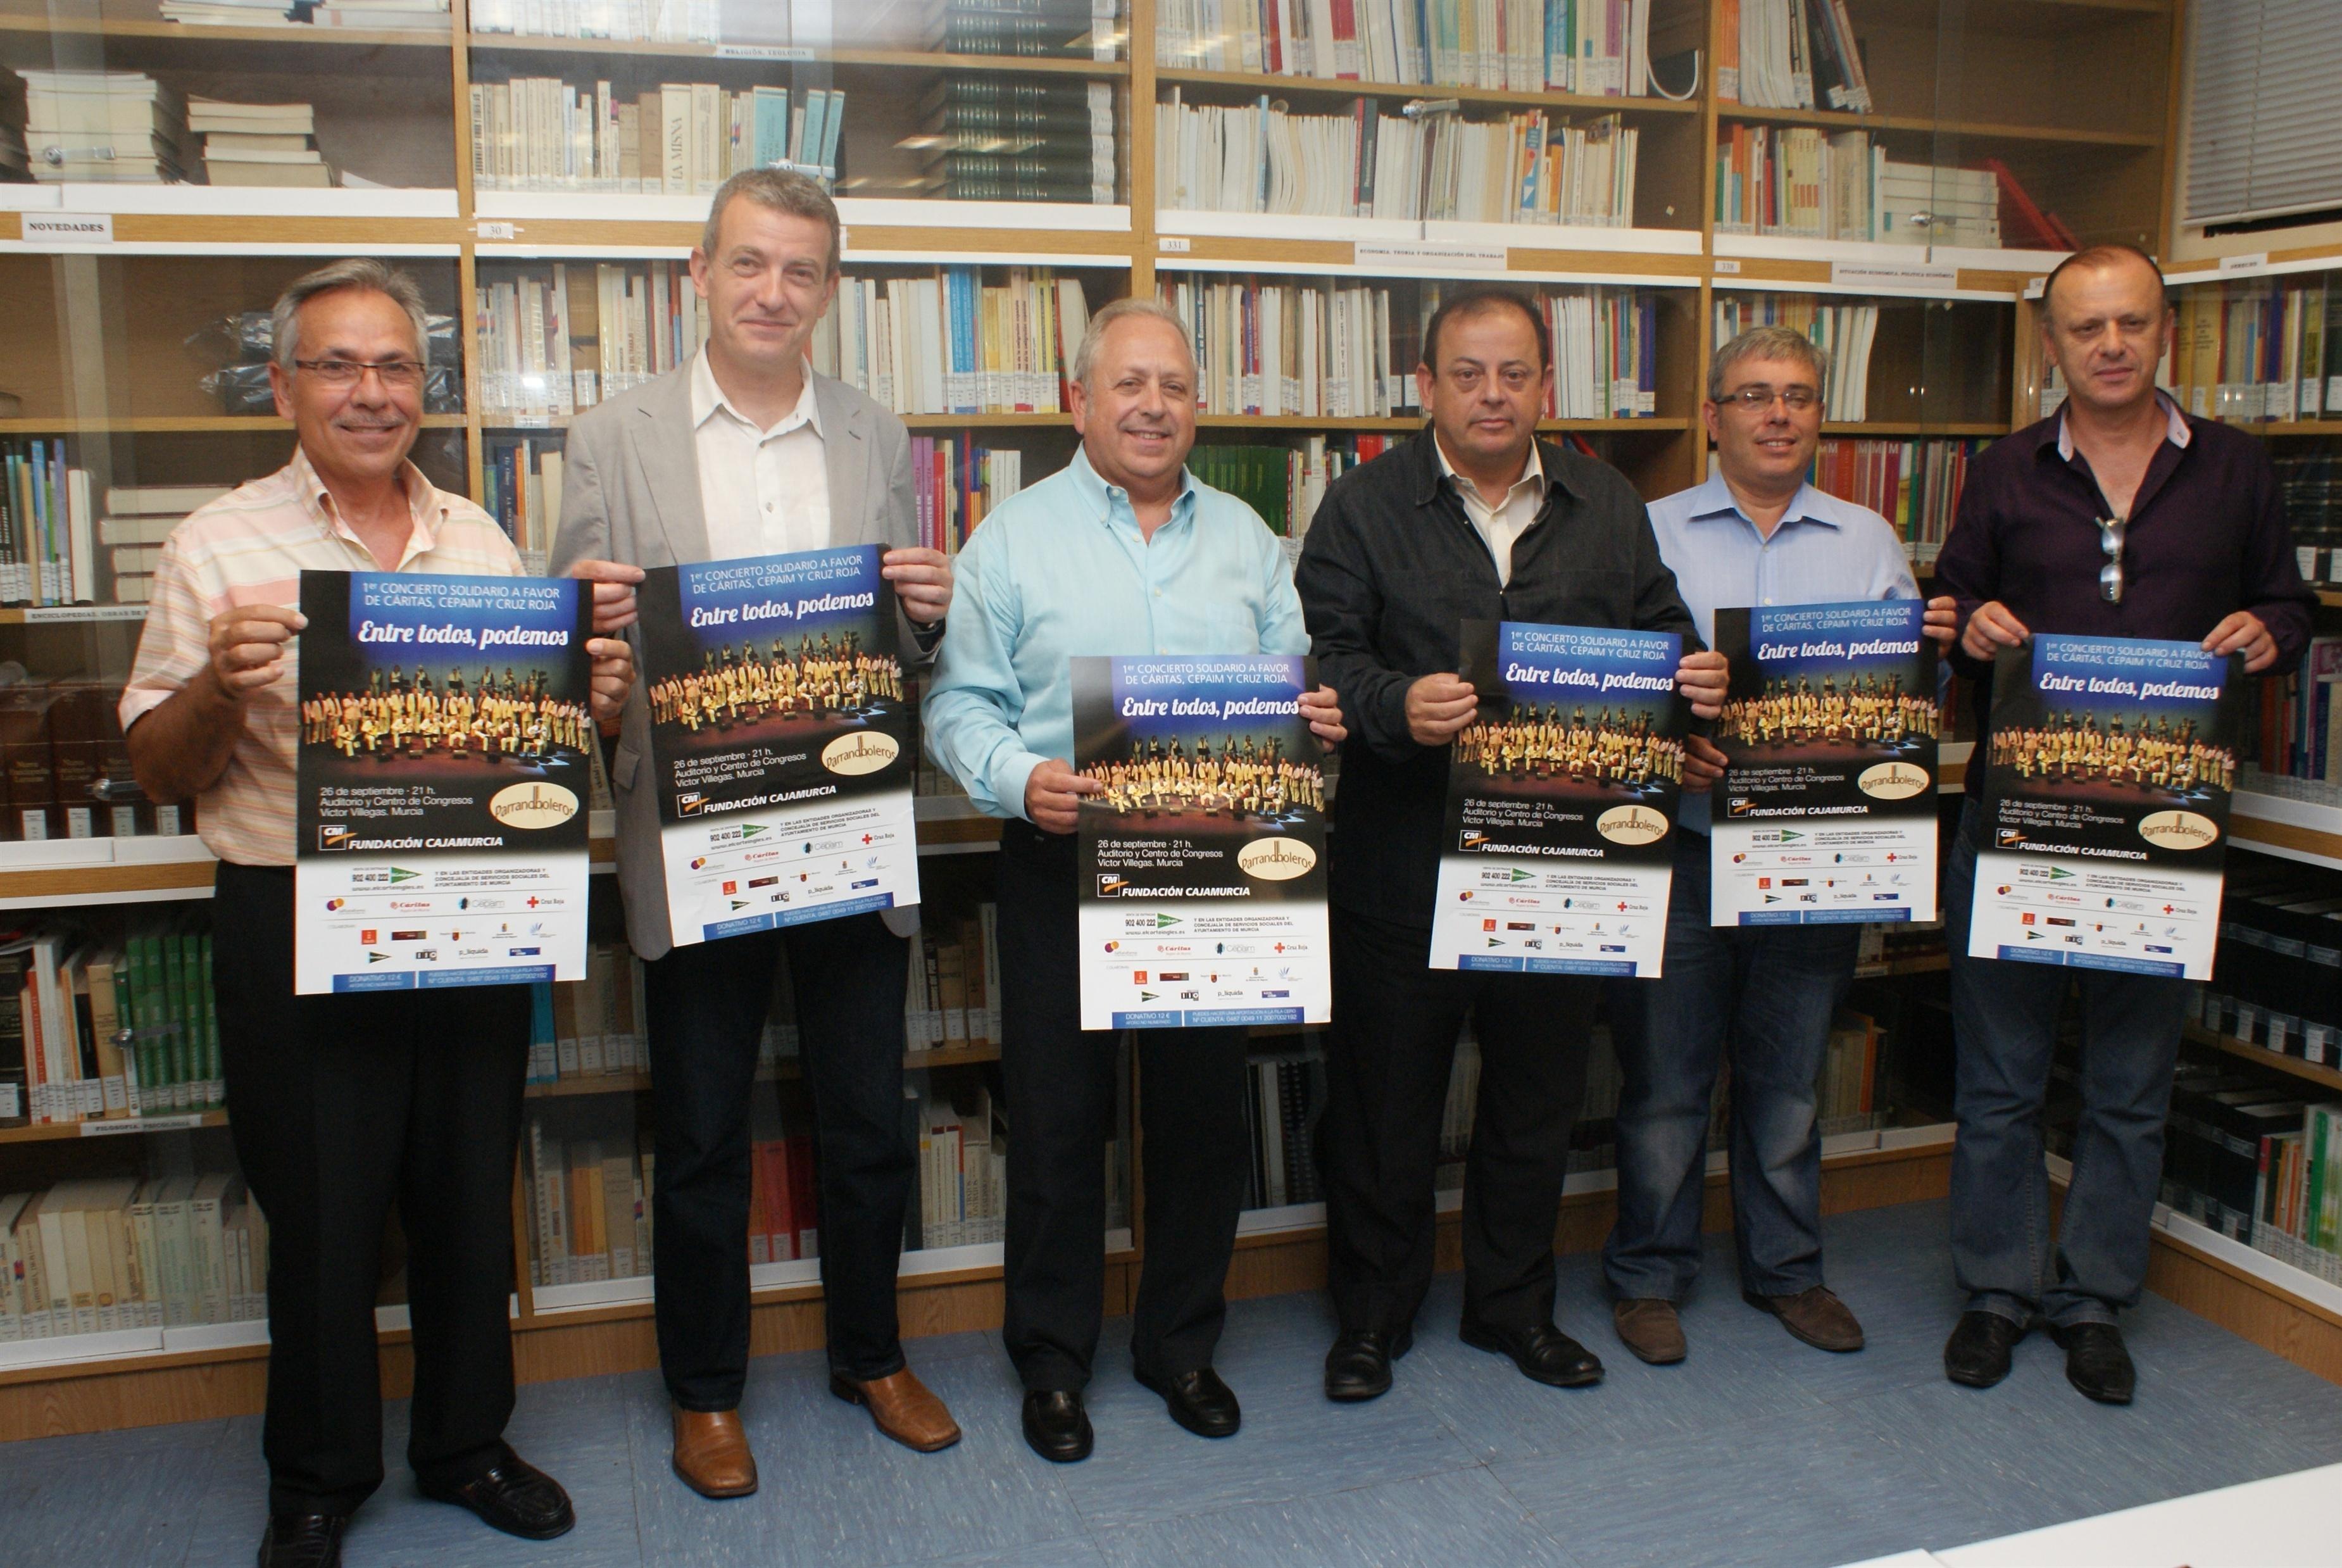 La Plataforma Social de la UMU y Fundación Cajamurcia promueven un concierto a beneficio de Cáritas, Cruz Roja y CEPAIM